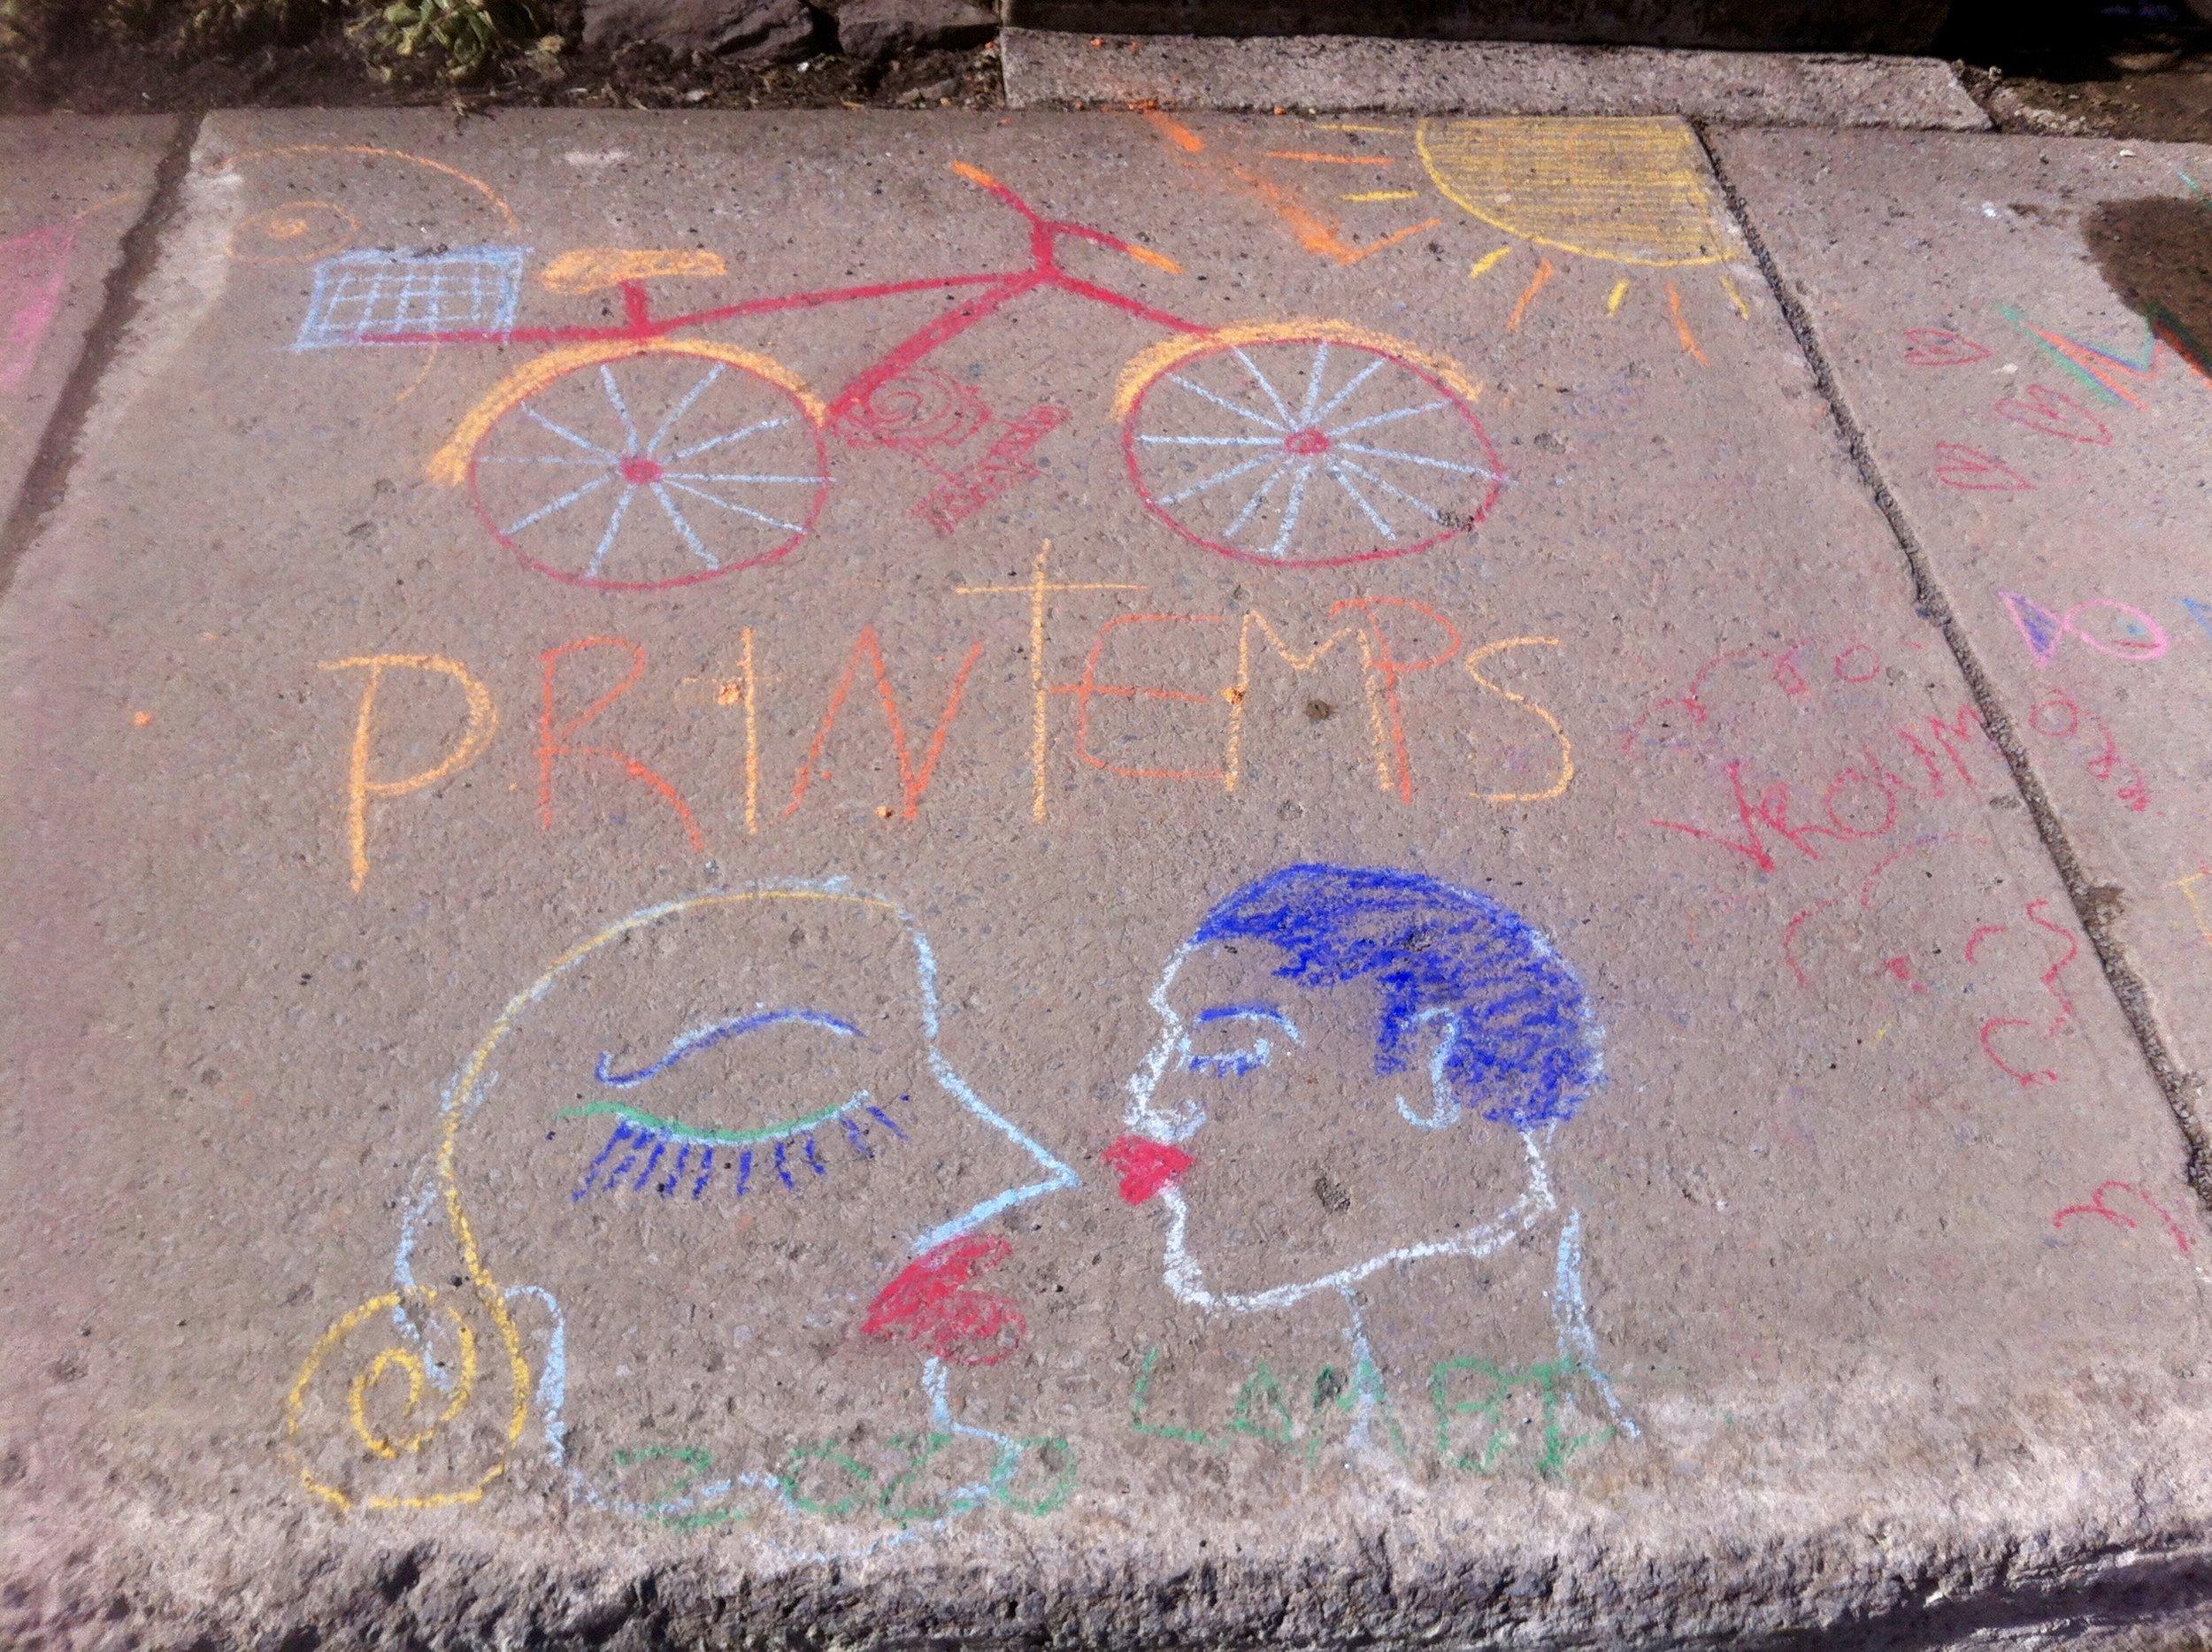 Dessin à la craie sur un trottoir ensoleillé. Printemps. Montréal. Vélo. Deux visages tracés à la craie semblent s'embrasser.